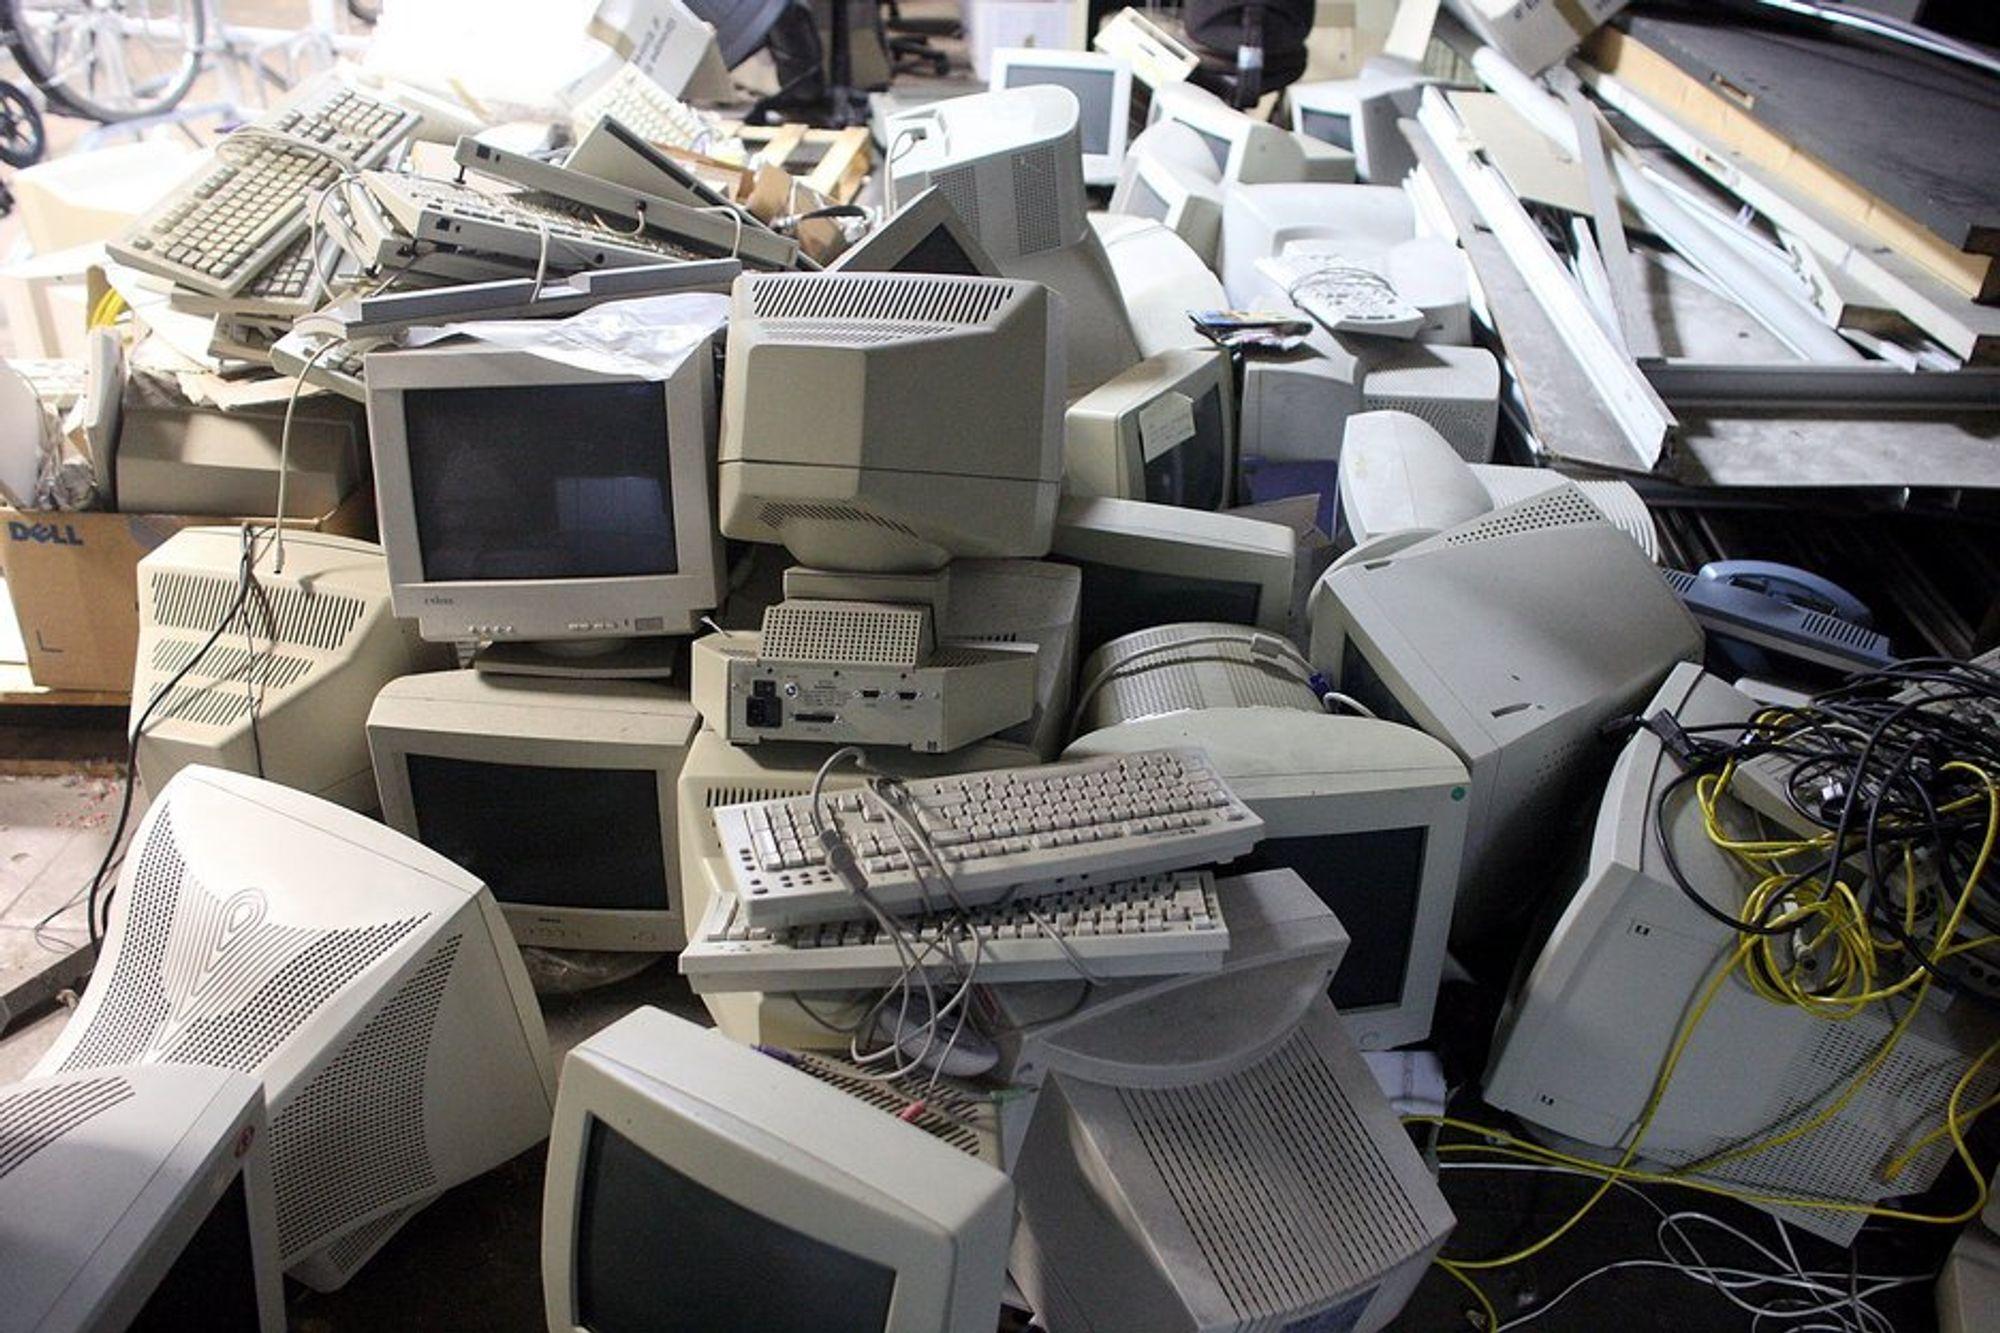 VERDIFULLT SØPPEL: Harddisker fra slike hauger av vraket pc-utstyr utgjør en sentral råvare i en kriminell informasjonsindustri over flere nivåer.